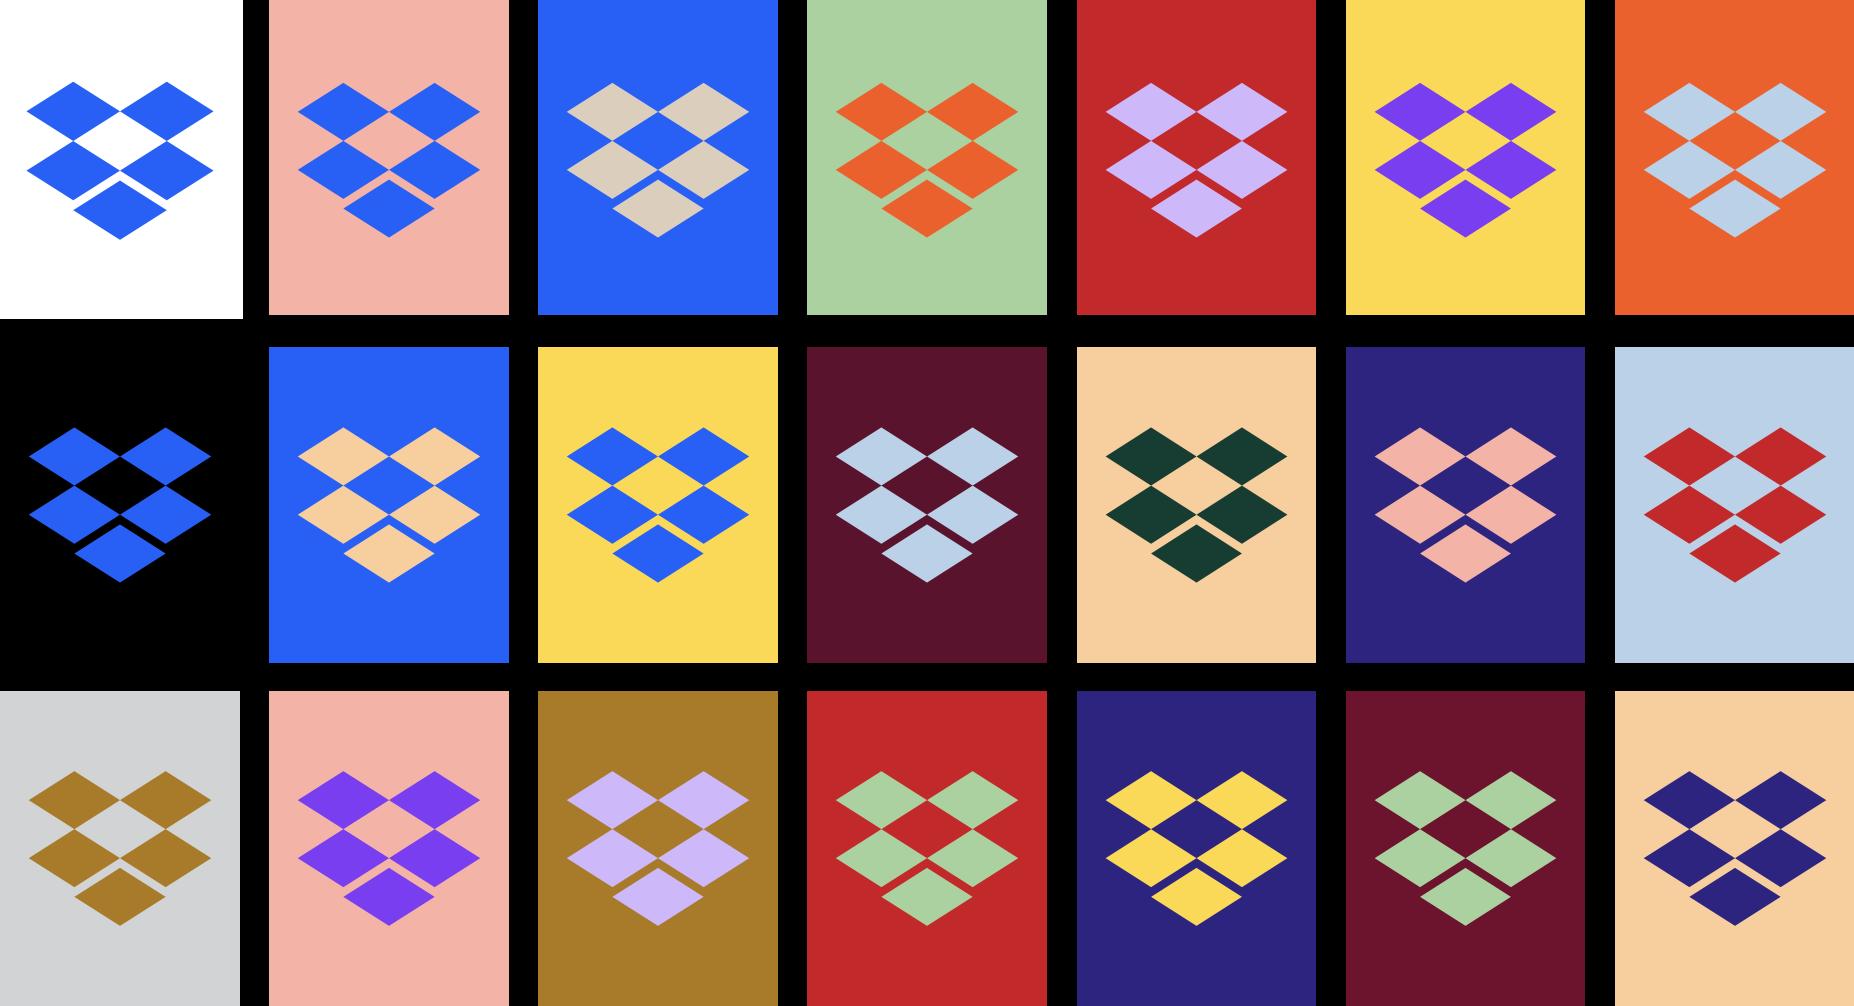 Kleurgebruik dropbox